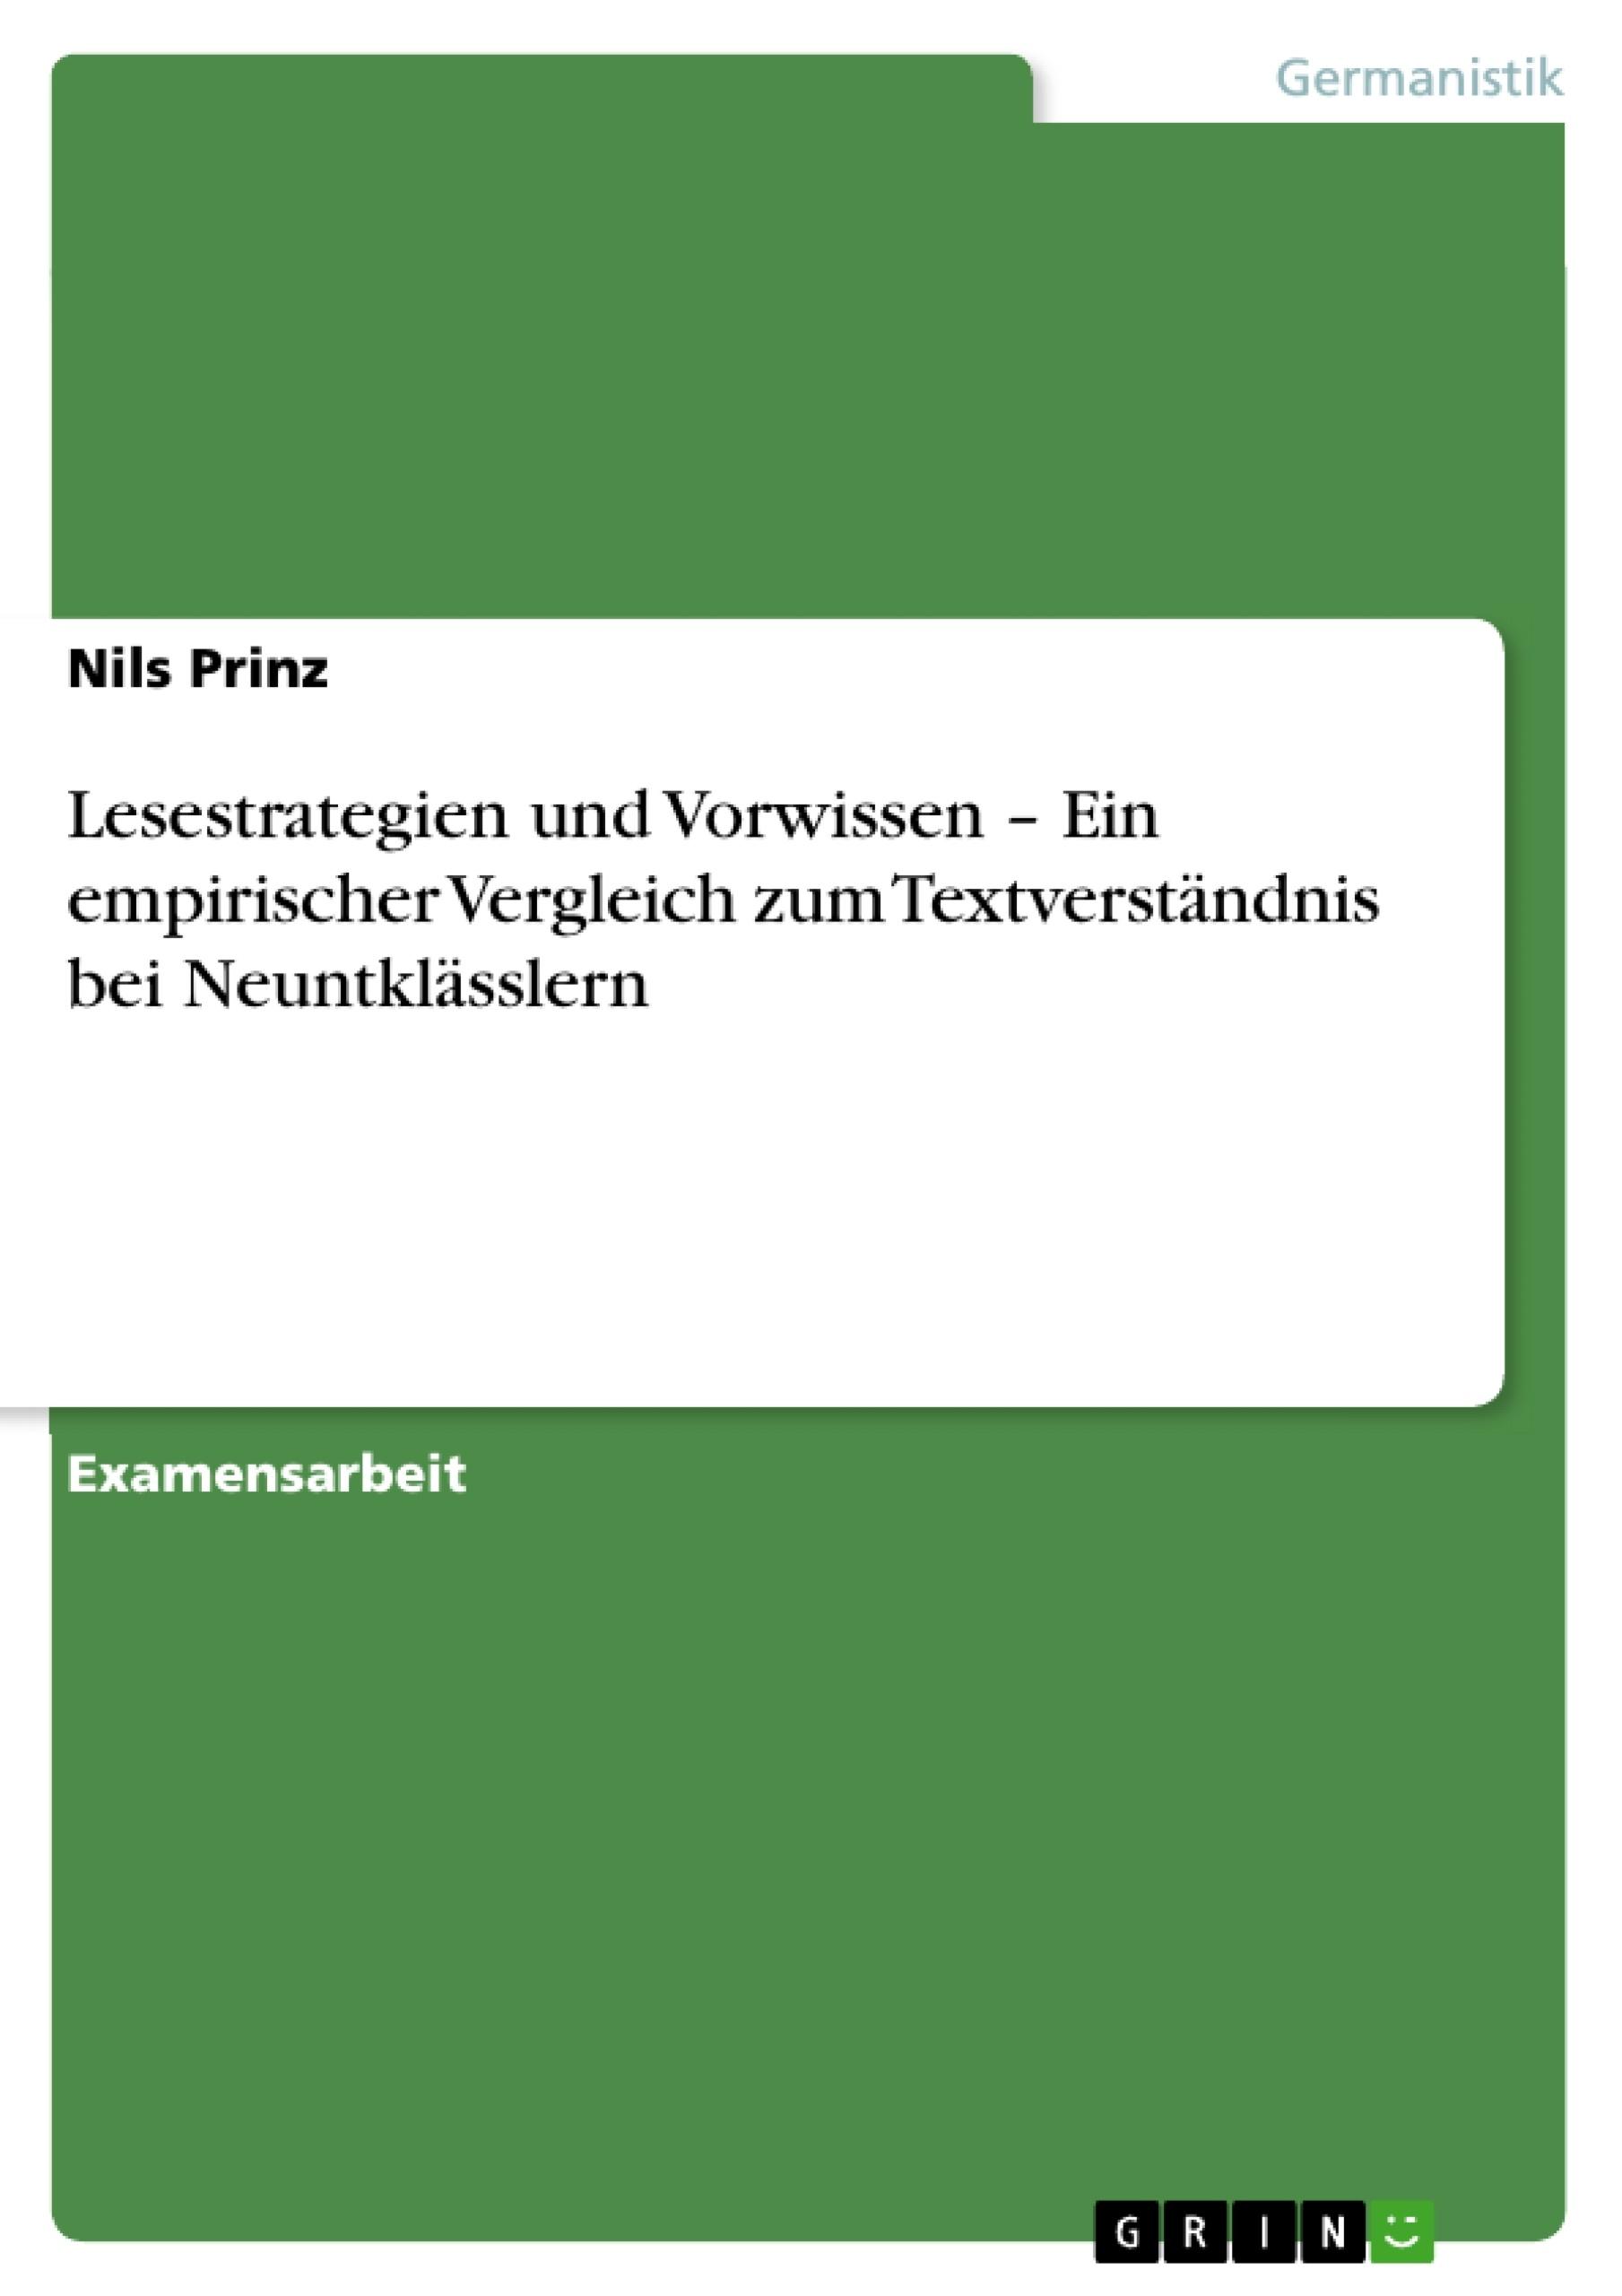 Titel: Lesestrategien und Vorwissen – Ein empirischer Vergleich zum Textverständnis bei Neuntklässlern